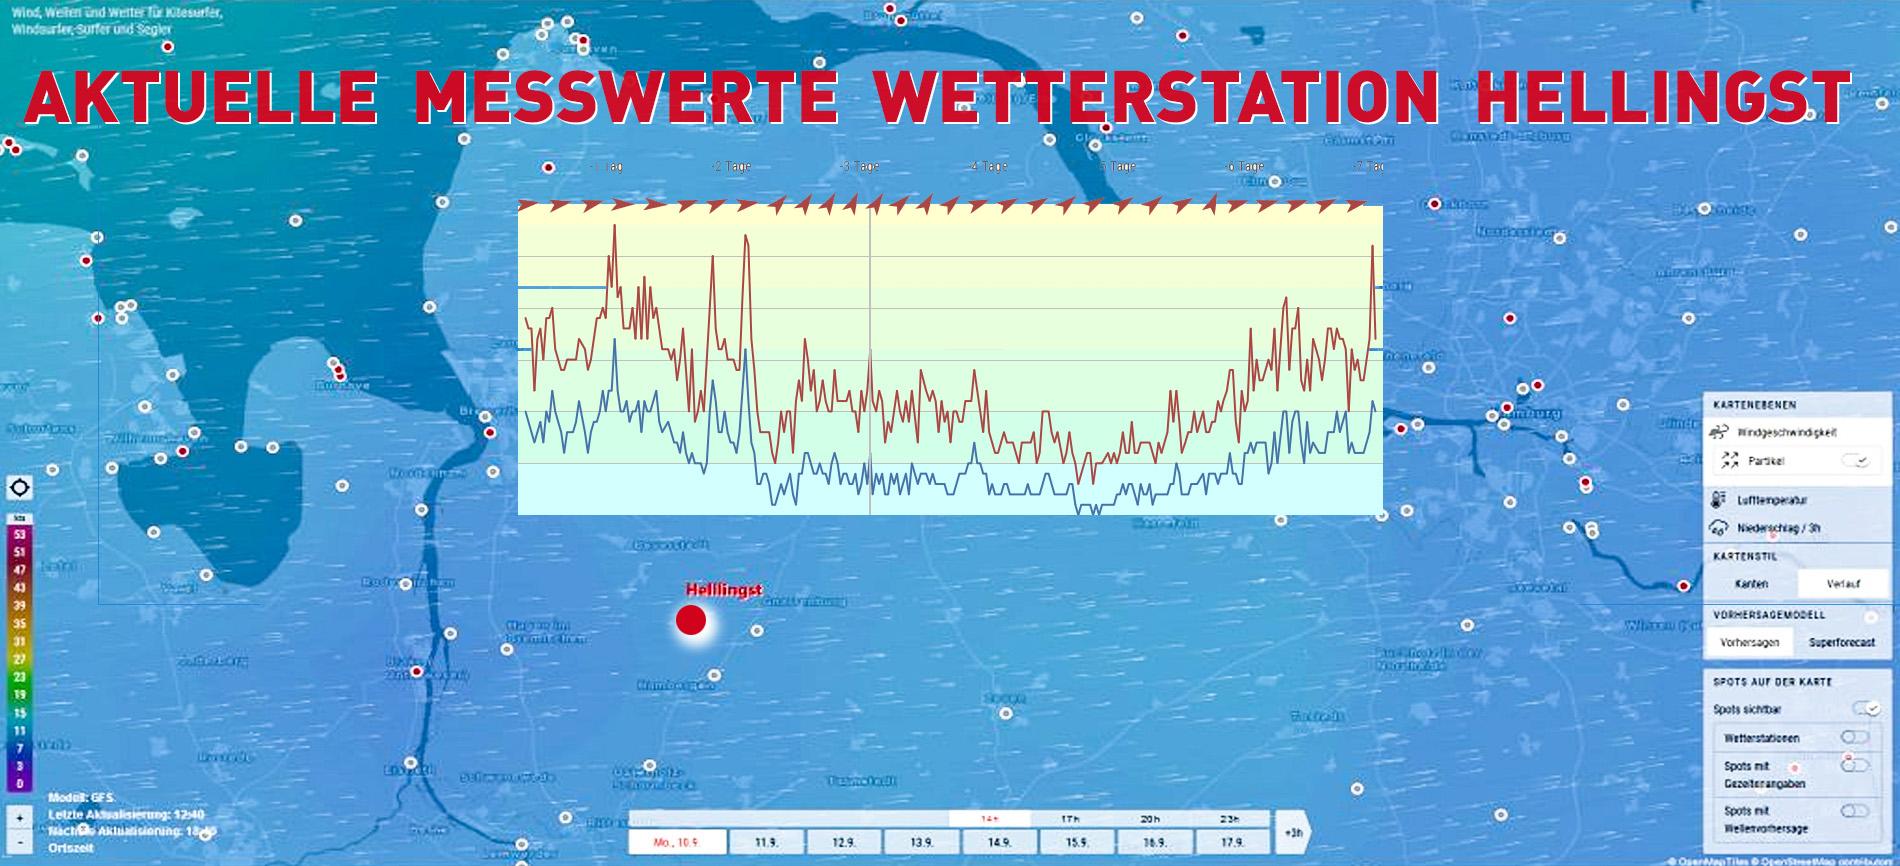 Wetterstation Hellingst